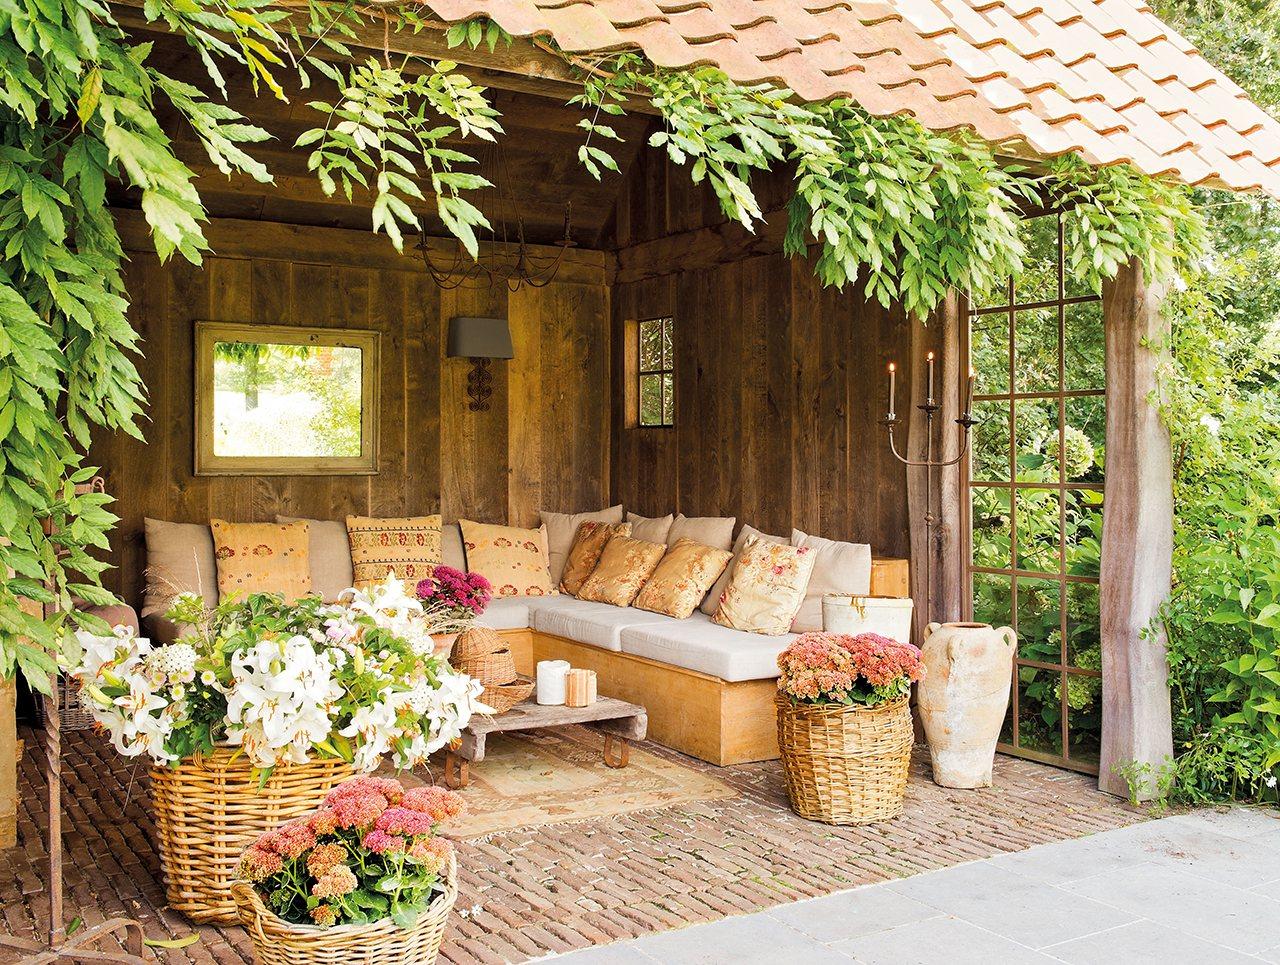 Una casa de campo muy acogedora con un jard n y un porche de ensue o Casas pequenas con porche